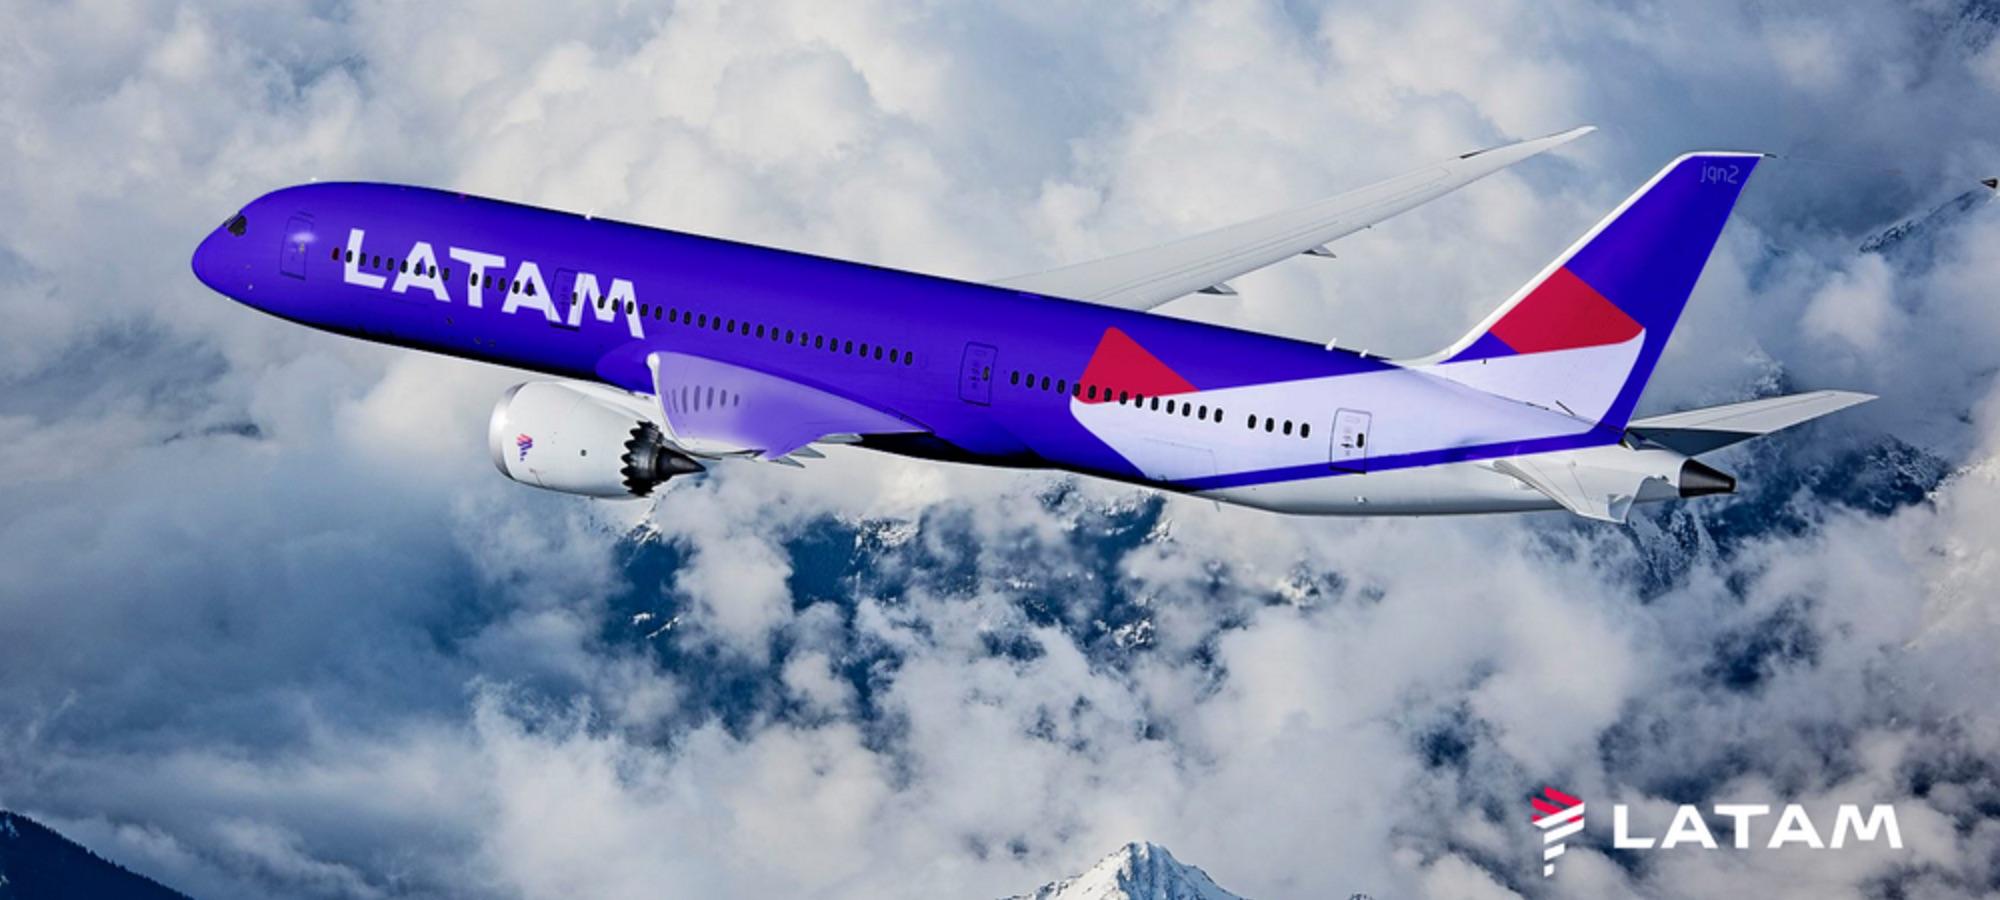 ビジネスクラスが激安!ヨーロッパ内のお値打ち以遠権路線 LATAM航空 マドリッド=フランクフルト線